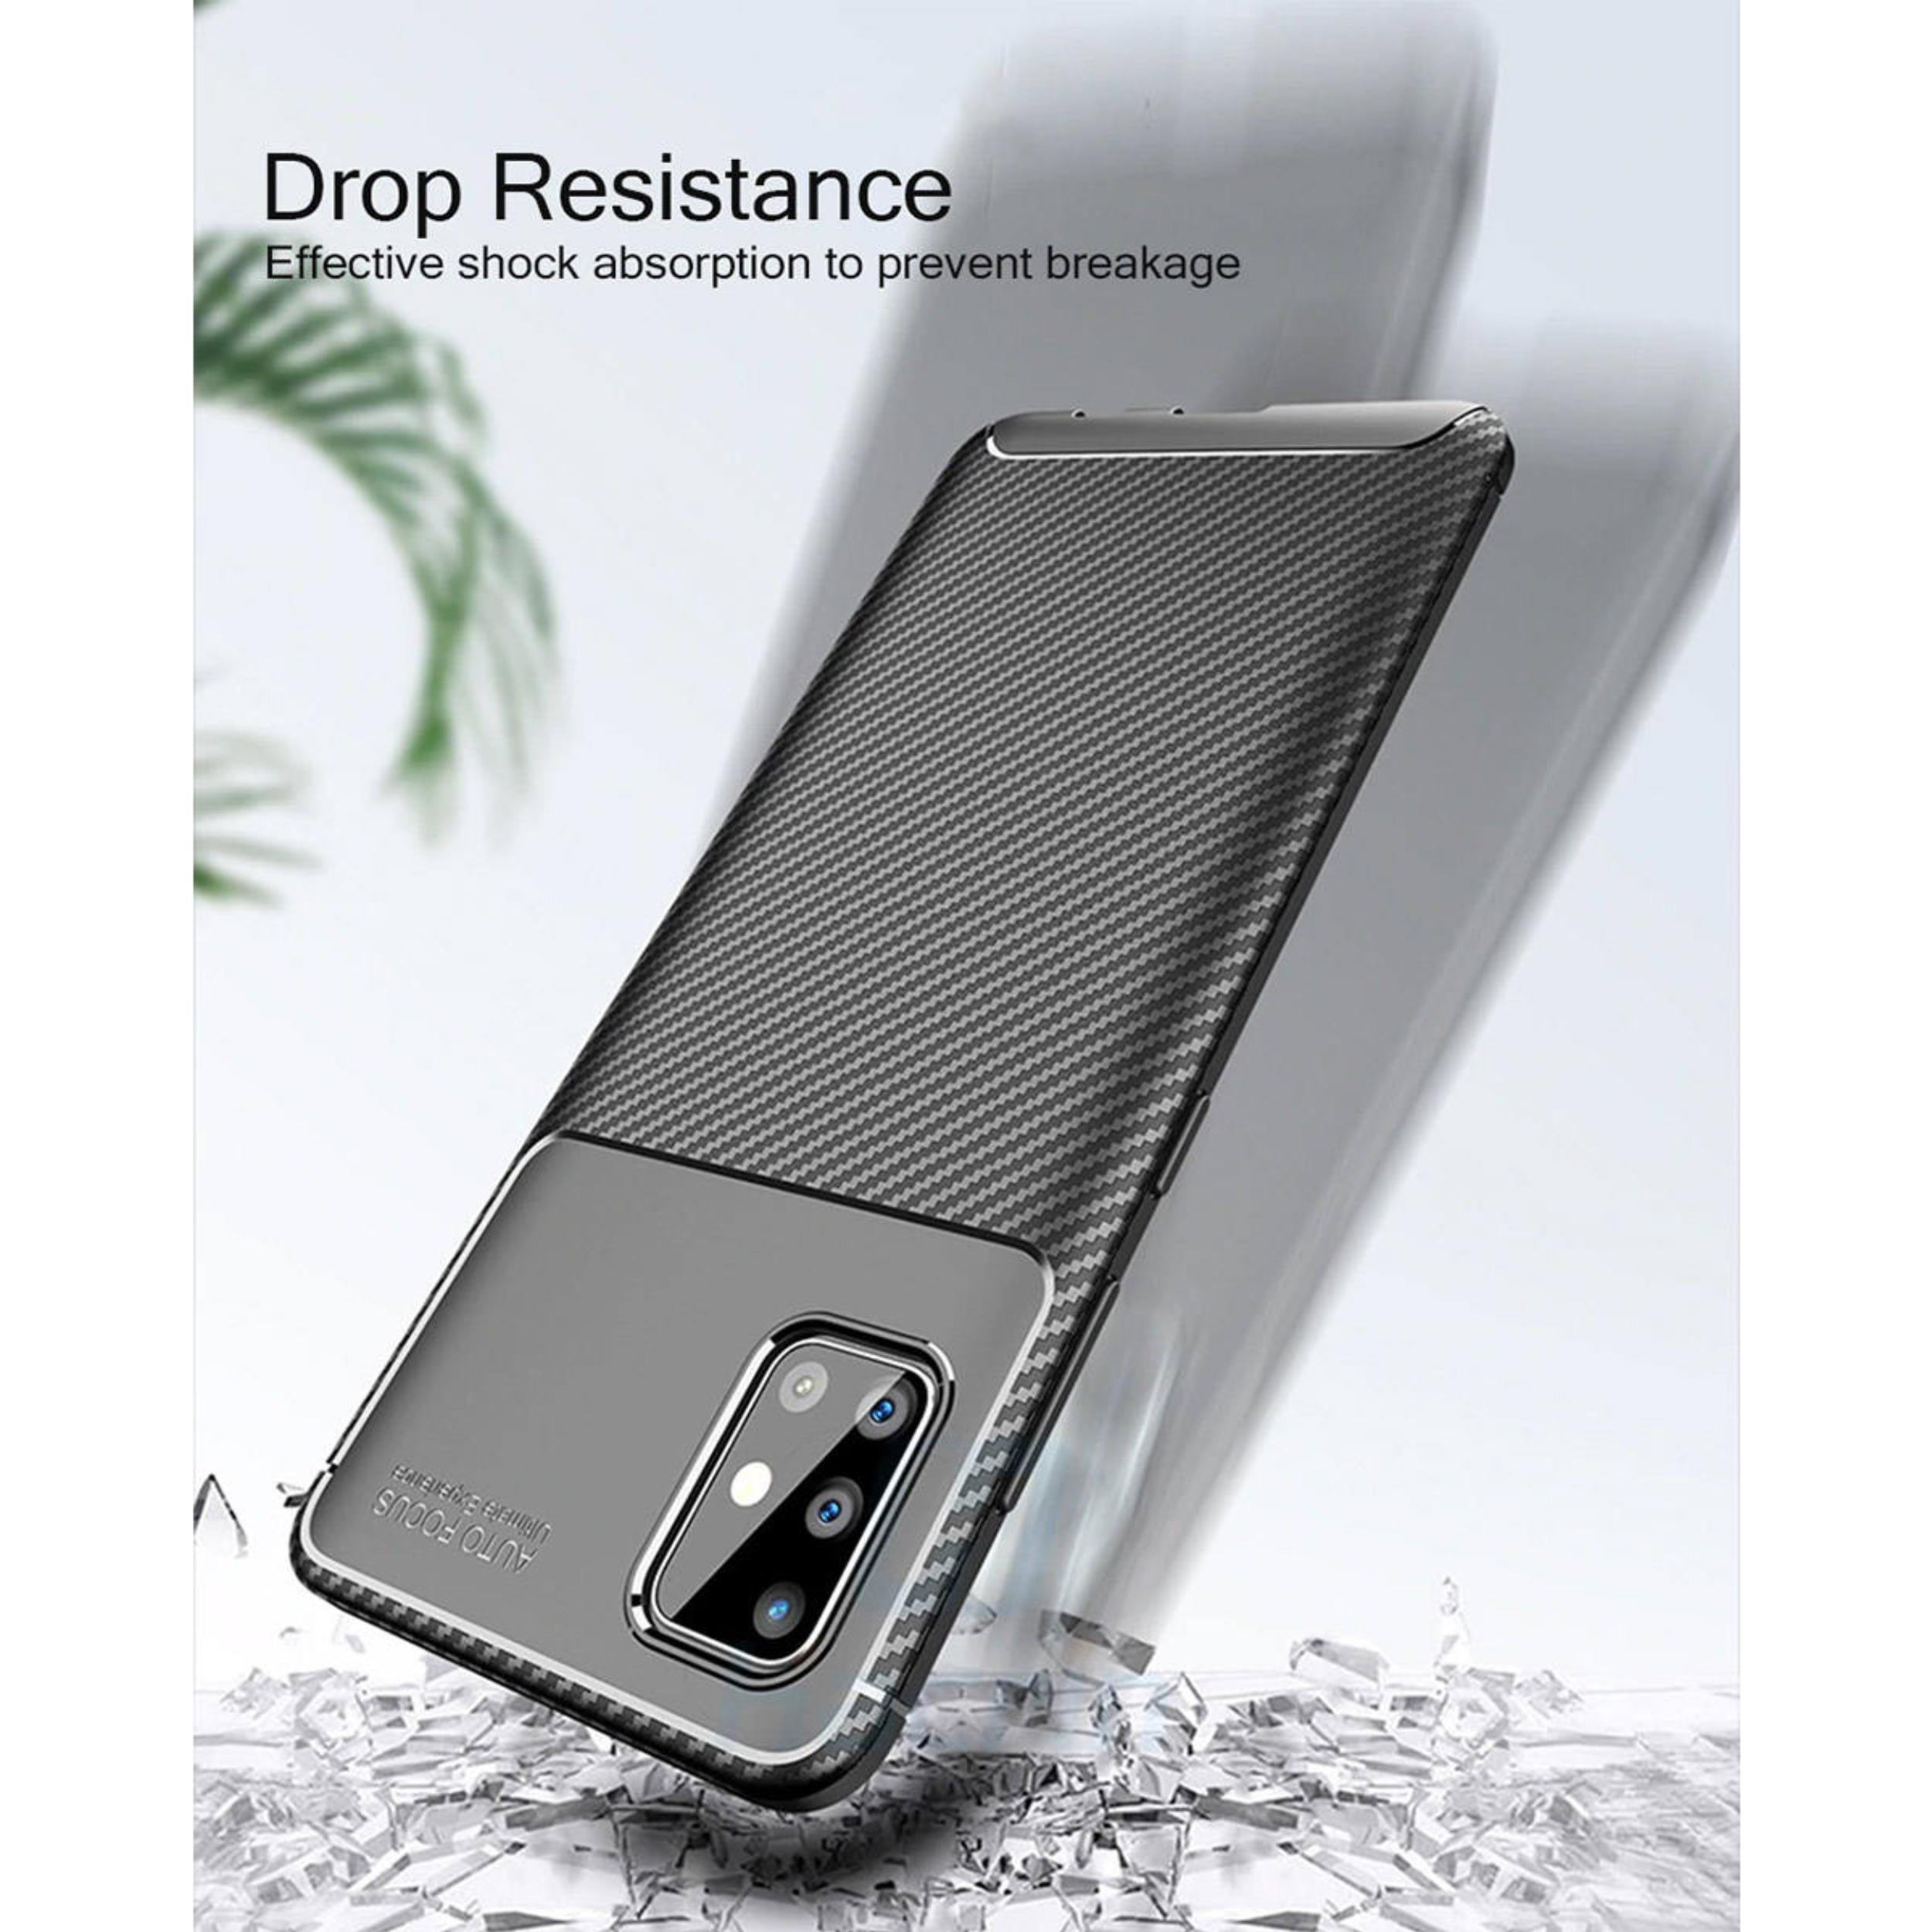 کاور لاین کینگ مدل A21 مناسب برای گوشی موبایل سامسونگ Galaxy A71 thumb 2 9